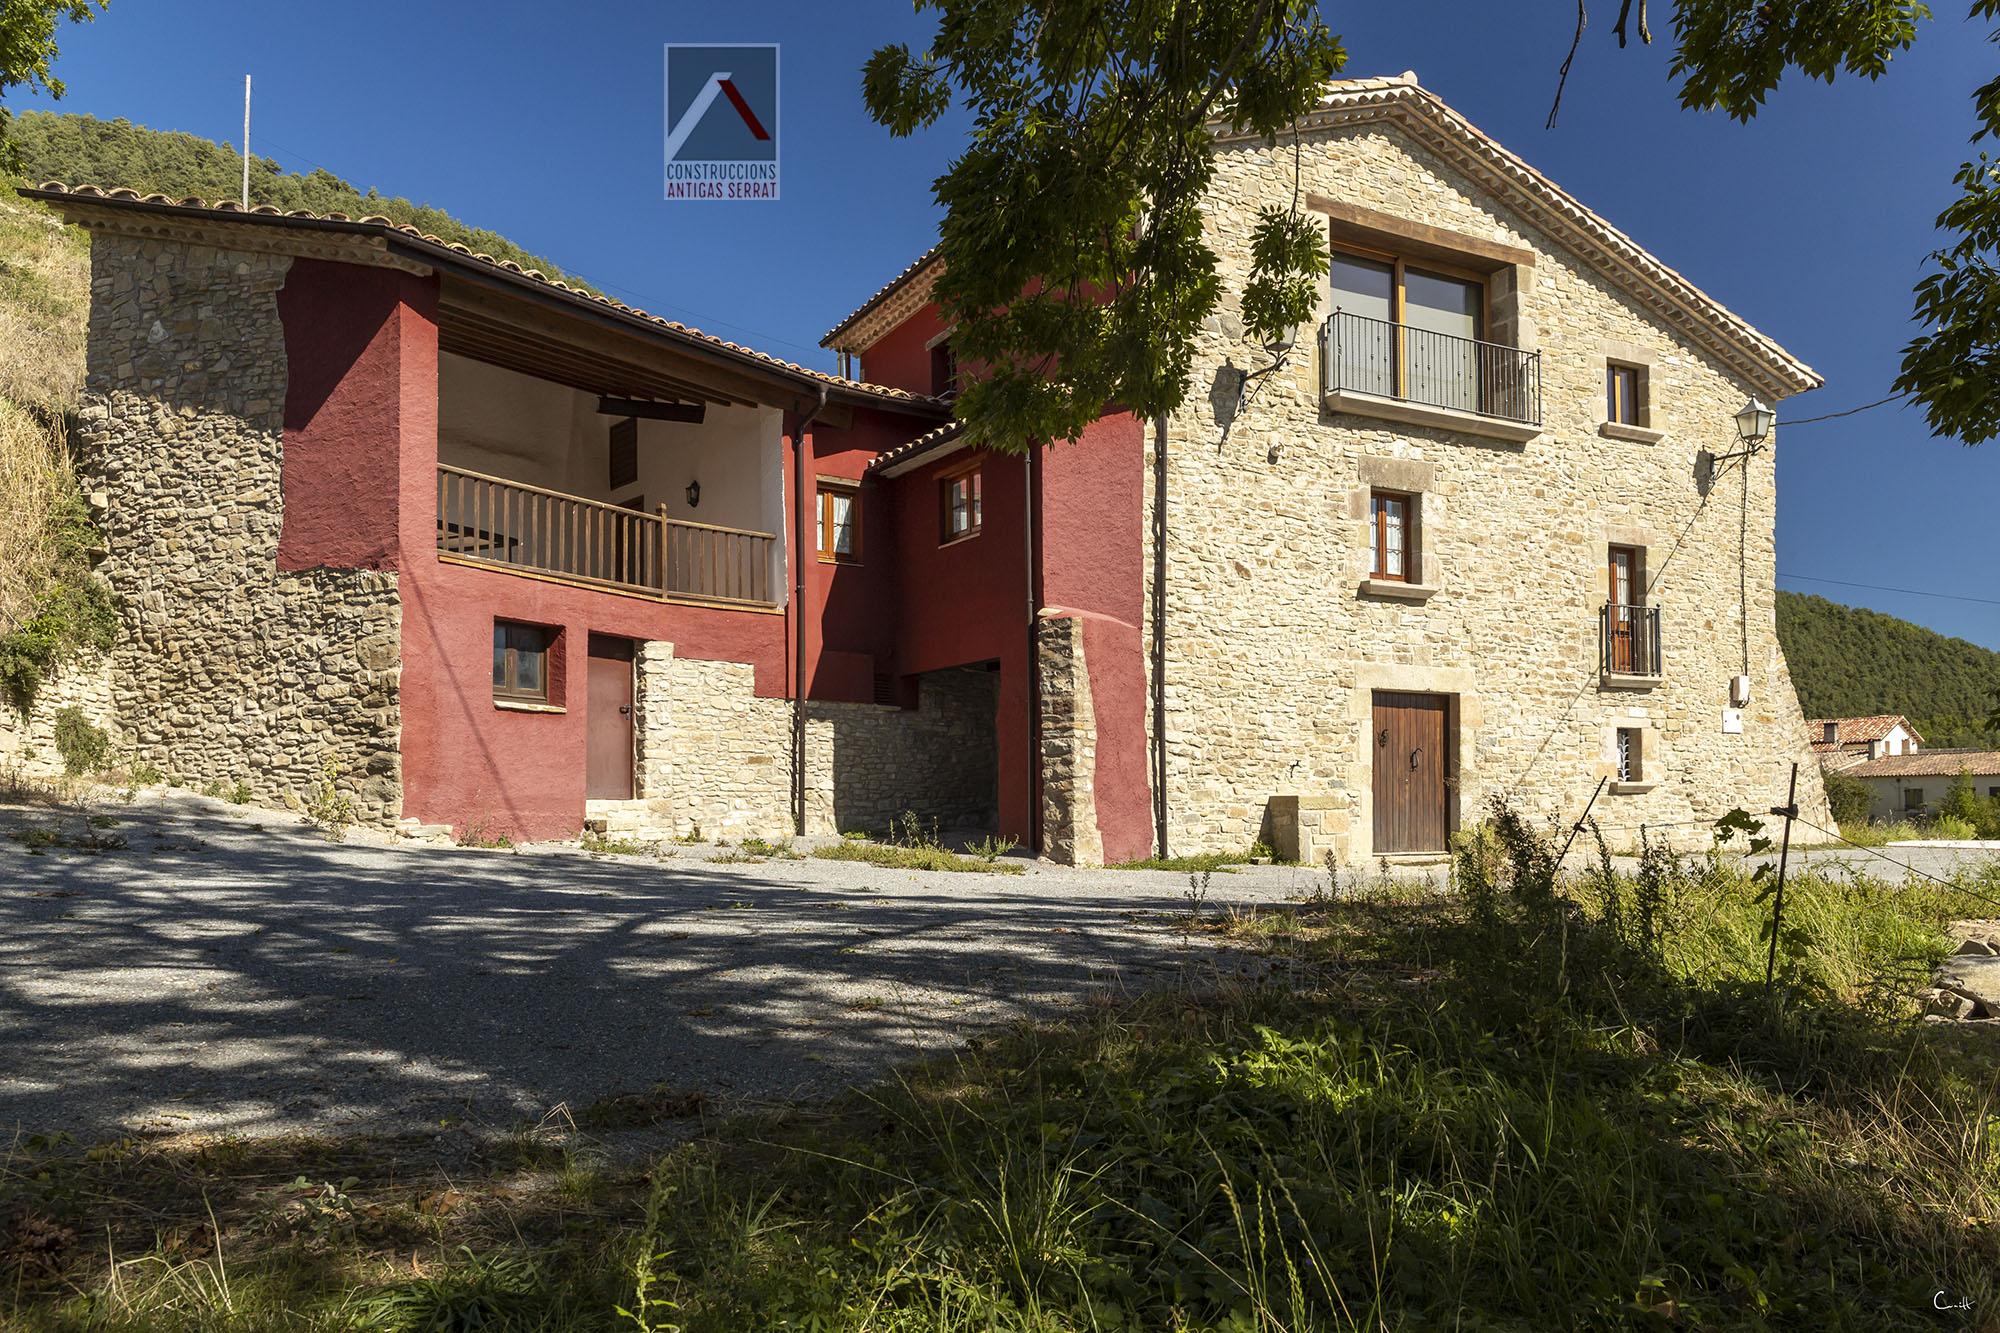 Rehabilitació masia a Les LLosses